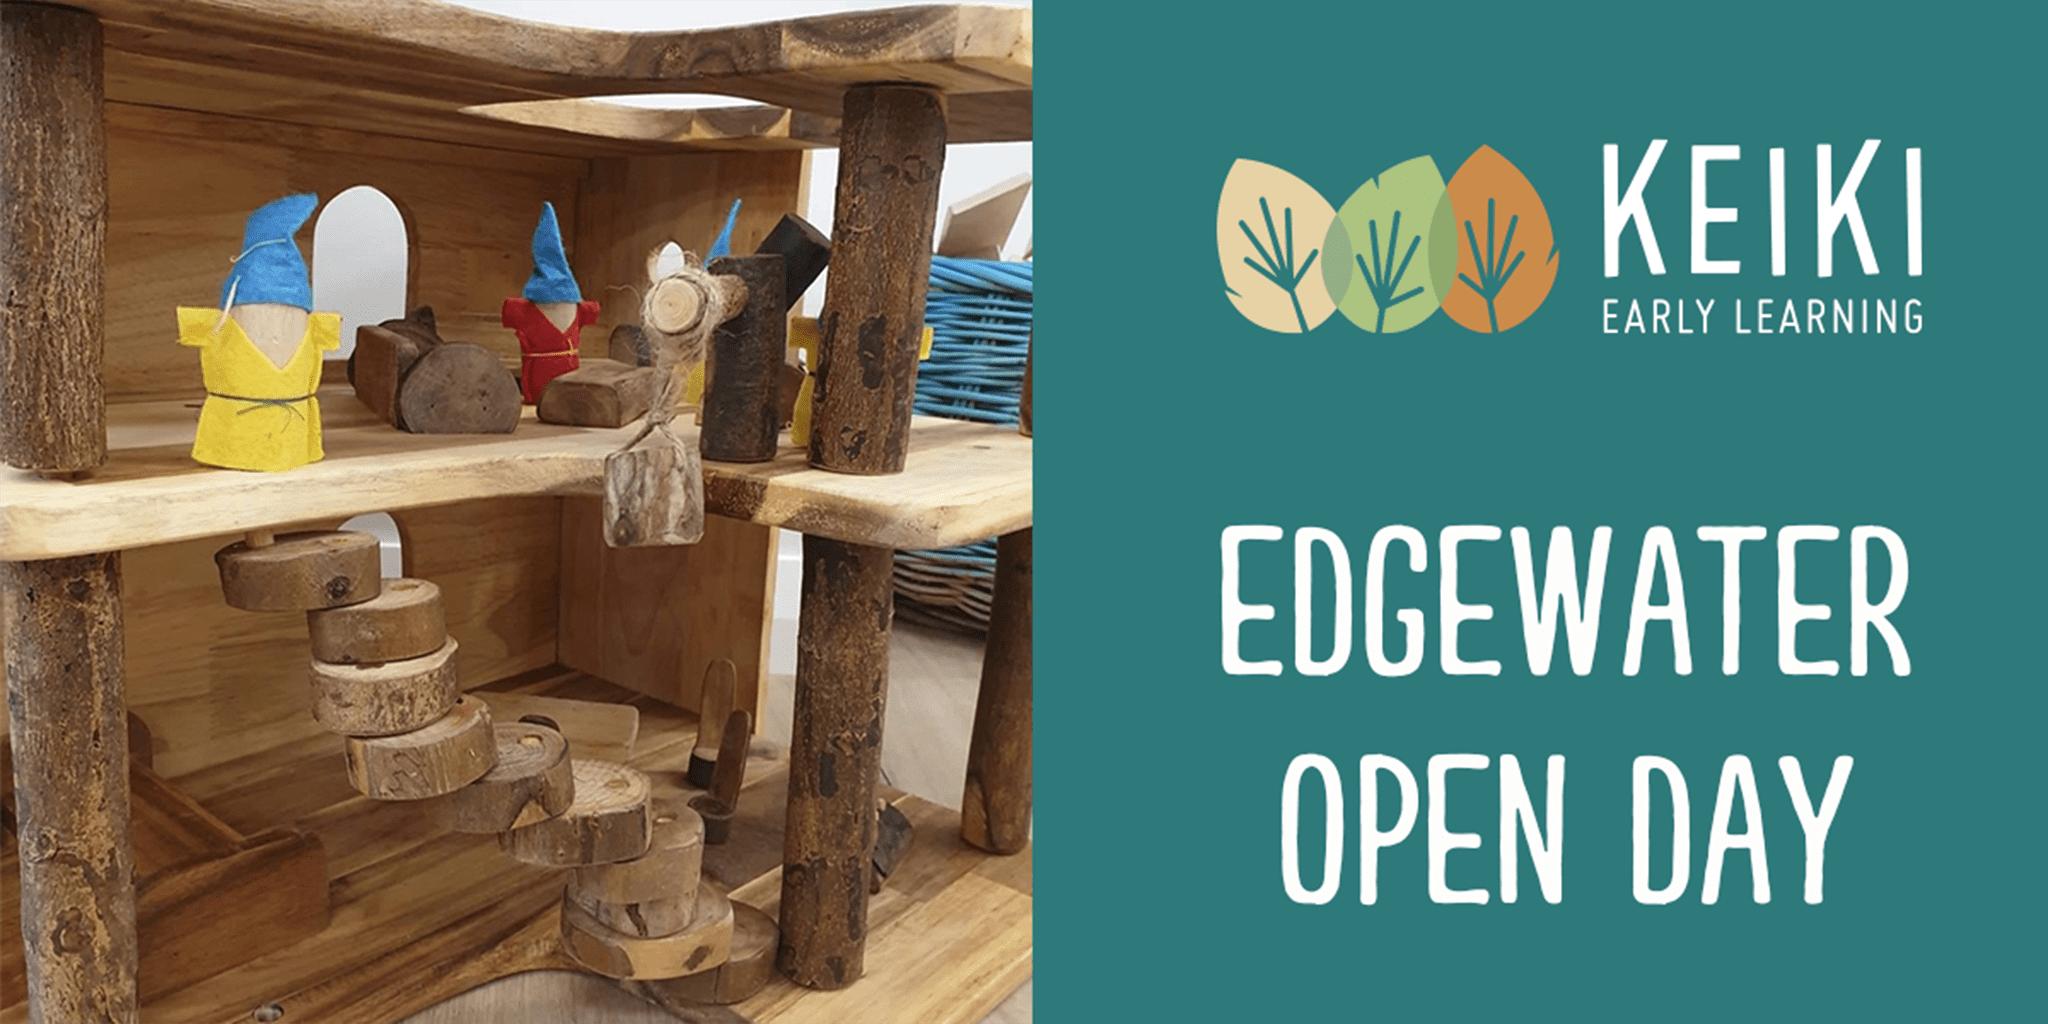 Keiki Edgewater Open Day